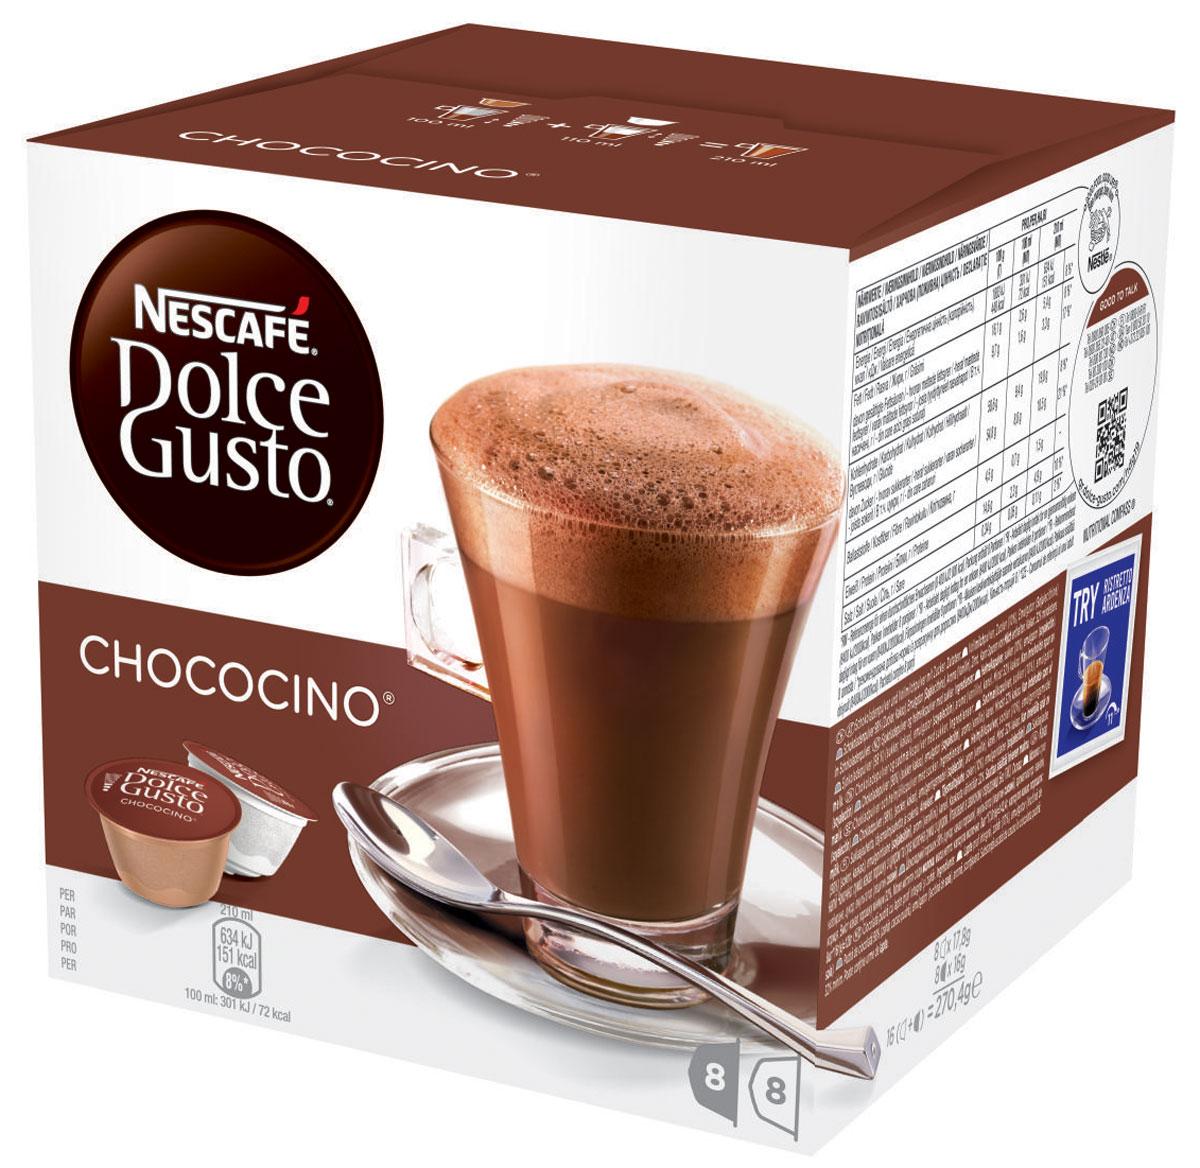 Nescafe Dolce Gusto Chococino горячий шоколад в капсулах, 16 шт5219918Вкус Nescafe Dolce Gusto Chococino так же хорош, как и его название. Приятный для глаза и еще более приятный на вкус – баланс какао и воздушной молочной пенки создает самое настоящее волшебство. Это сочетание переносит вас на удивительный уровень сладости: нет необходимости добавлять что-то еще в этот роскошное успокаивающее лакомство. Наслаждайтесь чокочино холодным утром, морозными днями или в любое другое время, когда вам хочется сменить свой обычный горячий напиток. Его шоколадный запах почти столь же непреодолим, сколь и деликатен. Он произведет впечатление на любого вашего гостя.В состав входят:8молочных капсул: молоко сухое цельное, сахар (10%), эмульгатор (соевый лецитин).Изготовлено с использованием сухого молока.В сухой молочной смеси: массовая доля молочного жира 22,5 %, сахароза 10 г в 100 г.)8 какао капсул: cахар, какао-порошок, эмульгатор (соевый лецитин), ароматизатор (ванилин), корица.Какао не менее 32%. Продукт может содержать незначительное количество молока.